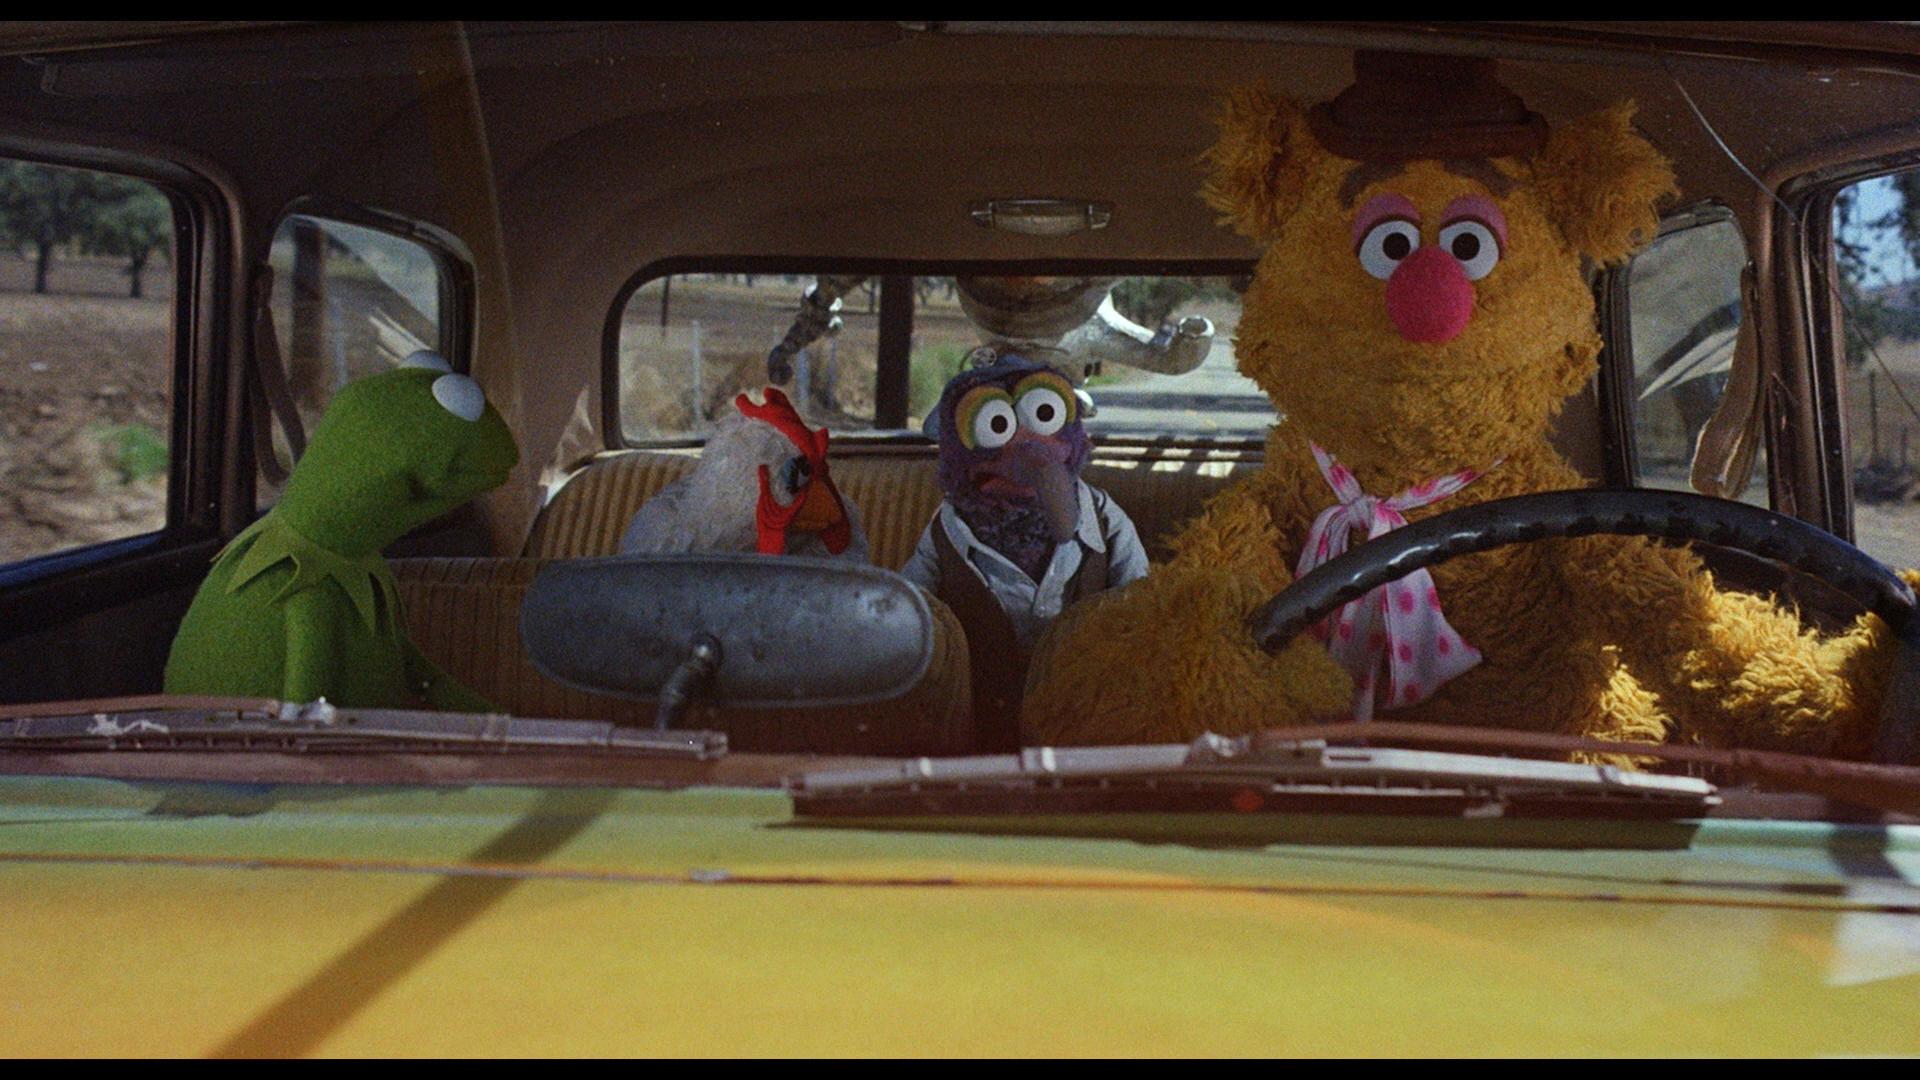 Kermit's car | Muppet Wiki | Fandom powered by Wikia